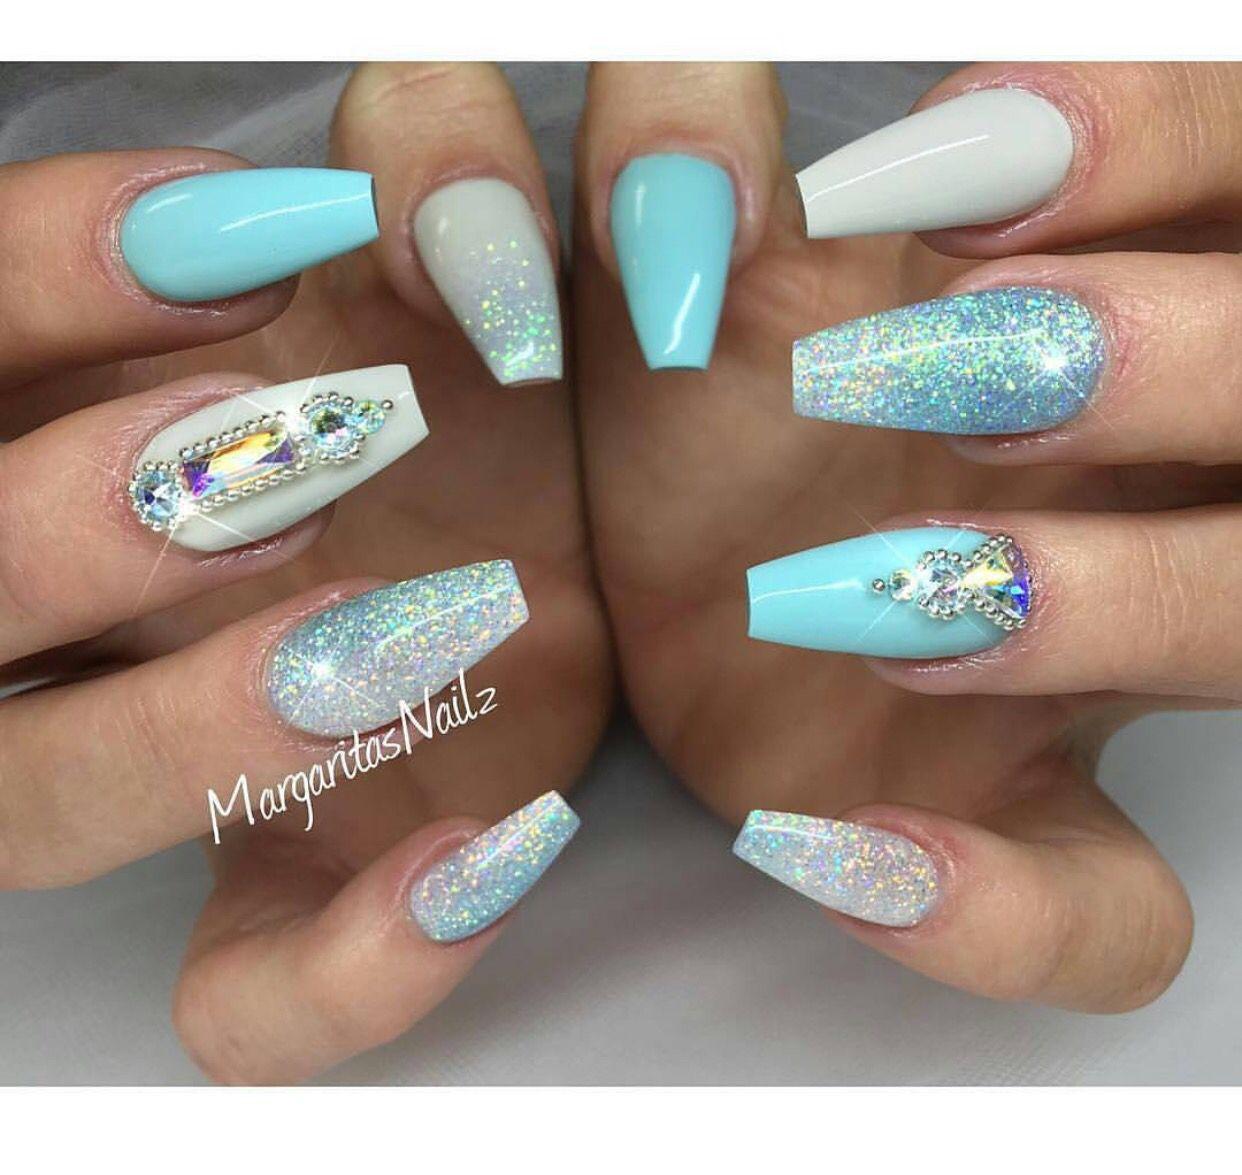 Light blue ocean nails - Light Blue Ocean Nails Nails Pinterest Ocean, Lights And Makeup